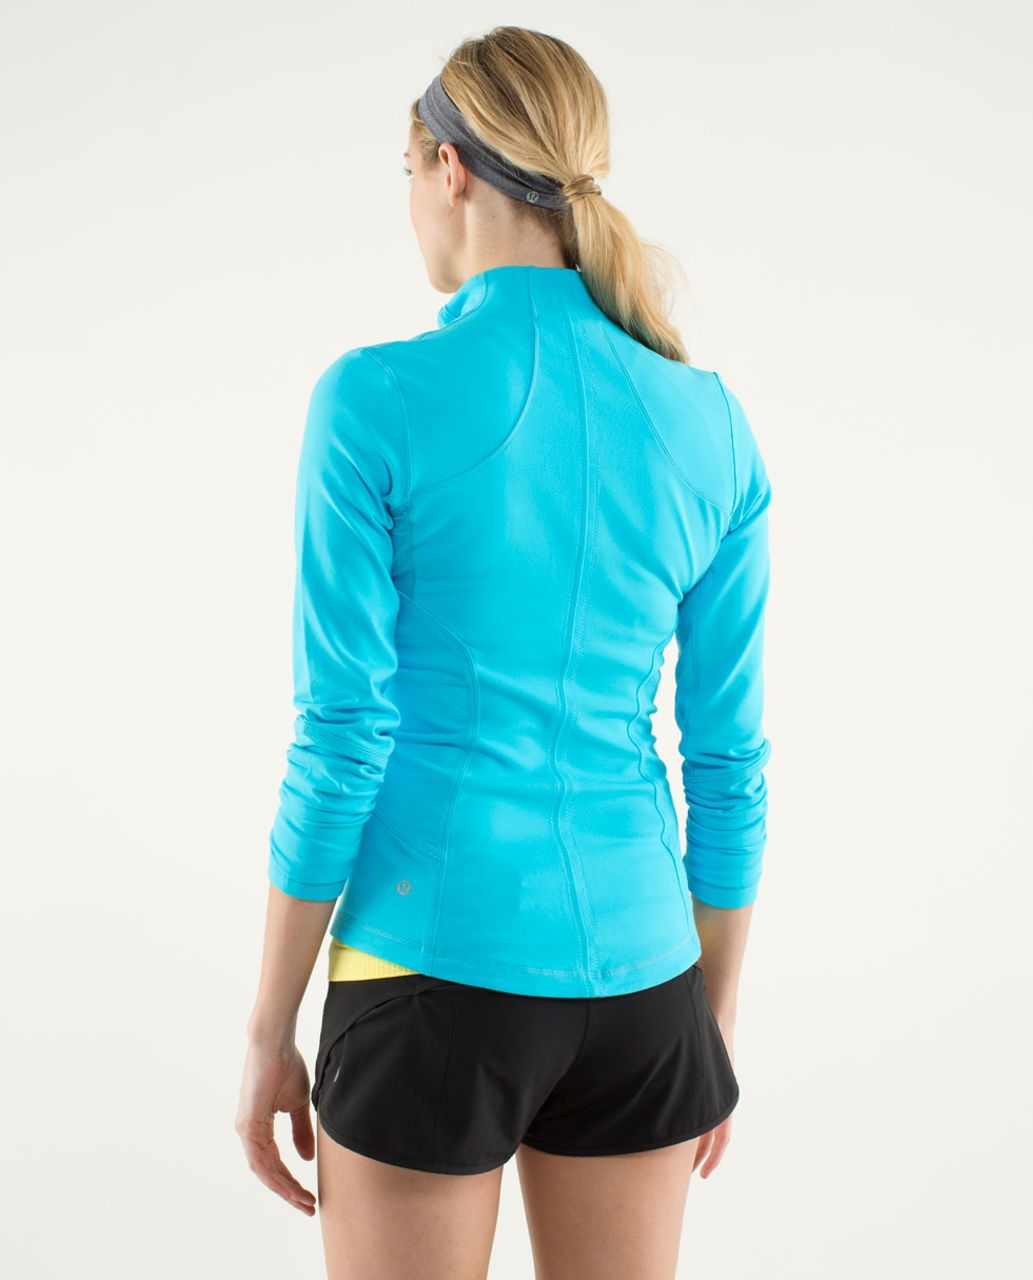 Lululemon Forme Jacket - Spry Blue